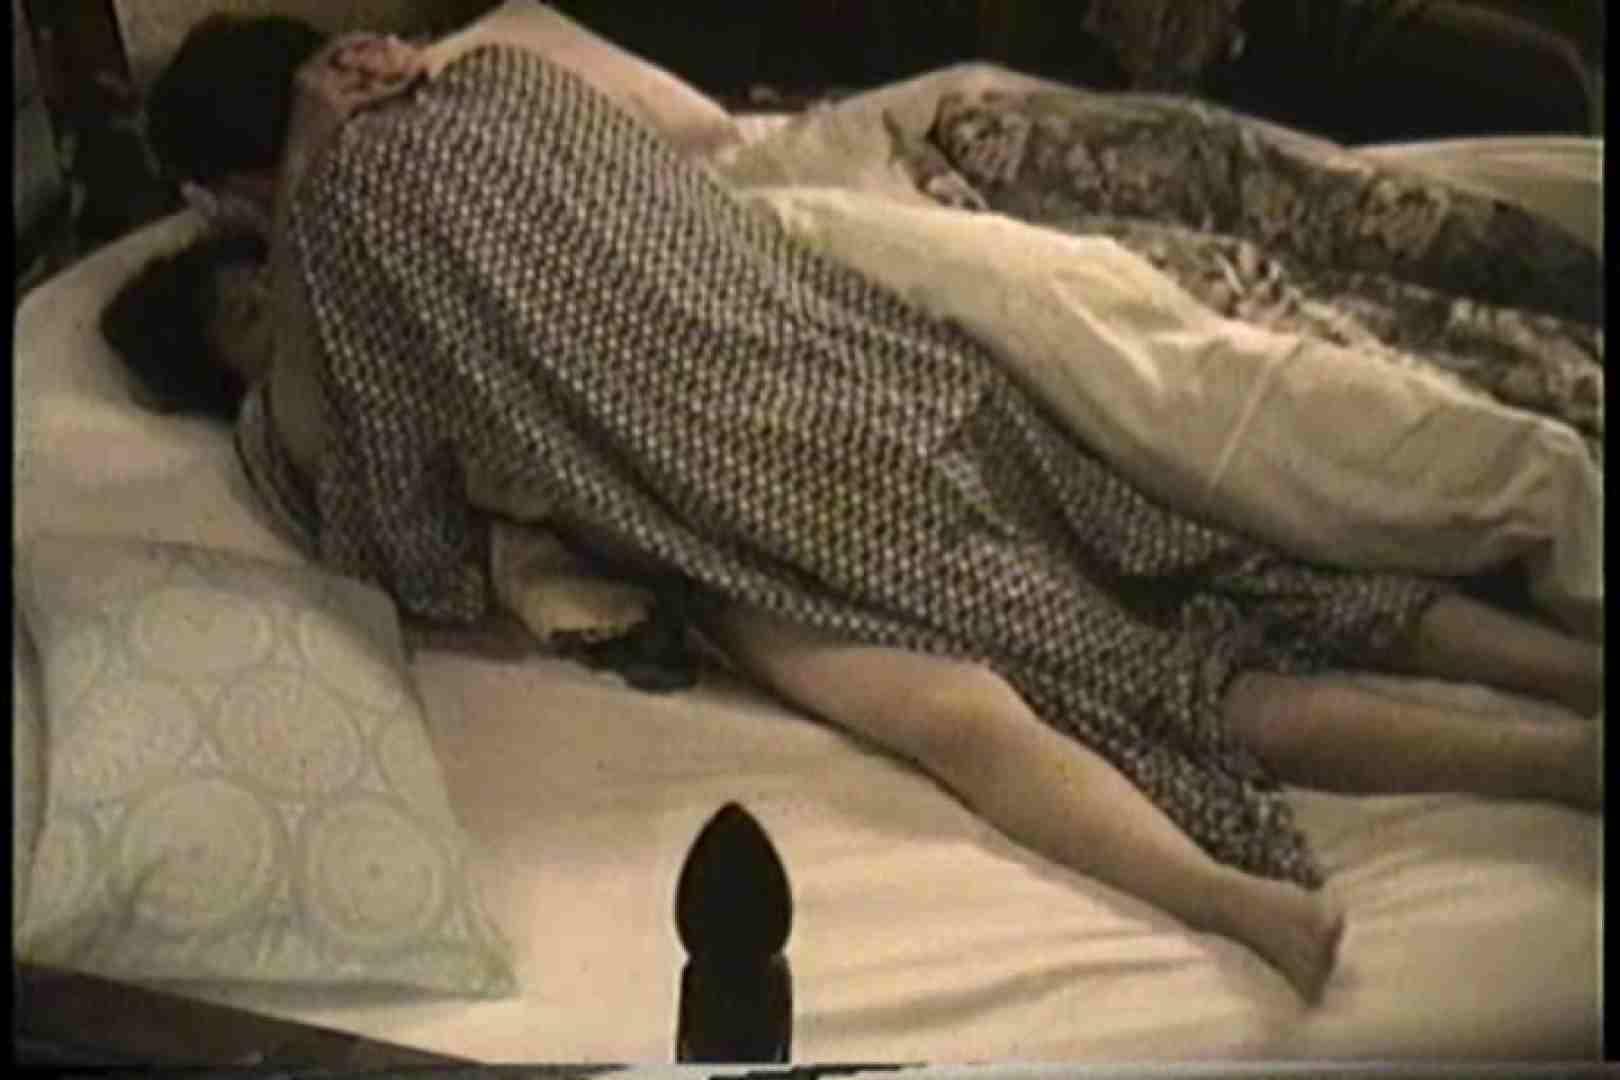 実録!ラブホテル~消し忘れ注意!昭和の色編~ vol.21 SEX映像 オマンコ動画キャプチャ 104pic 18